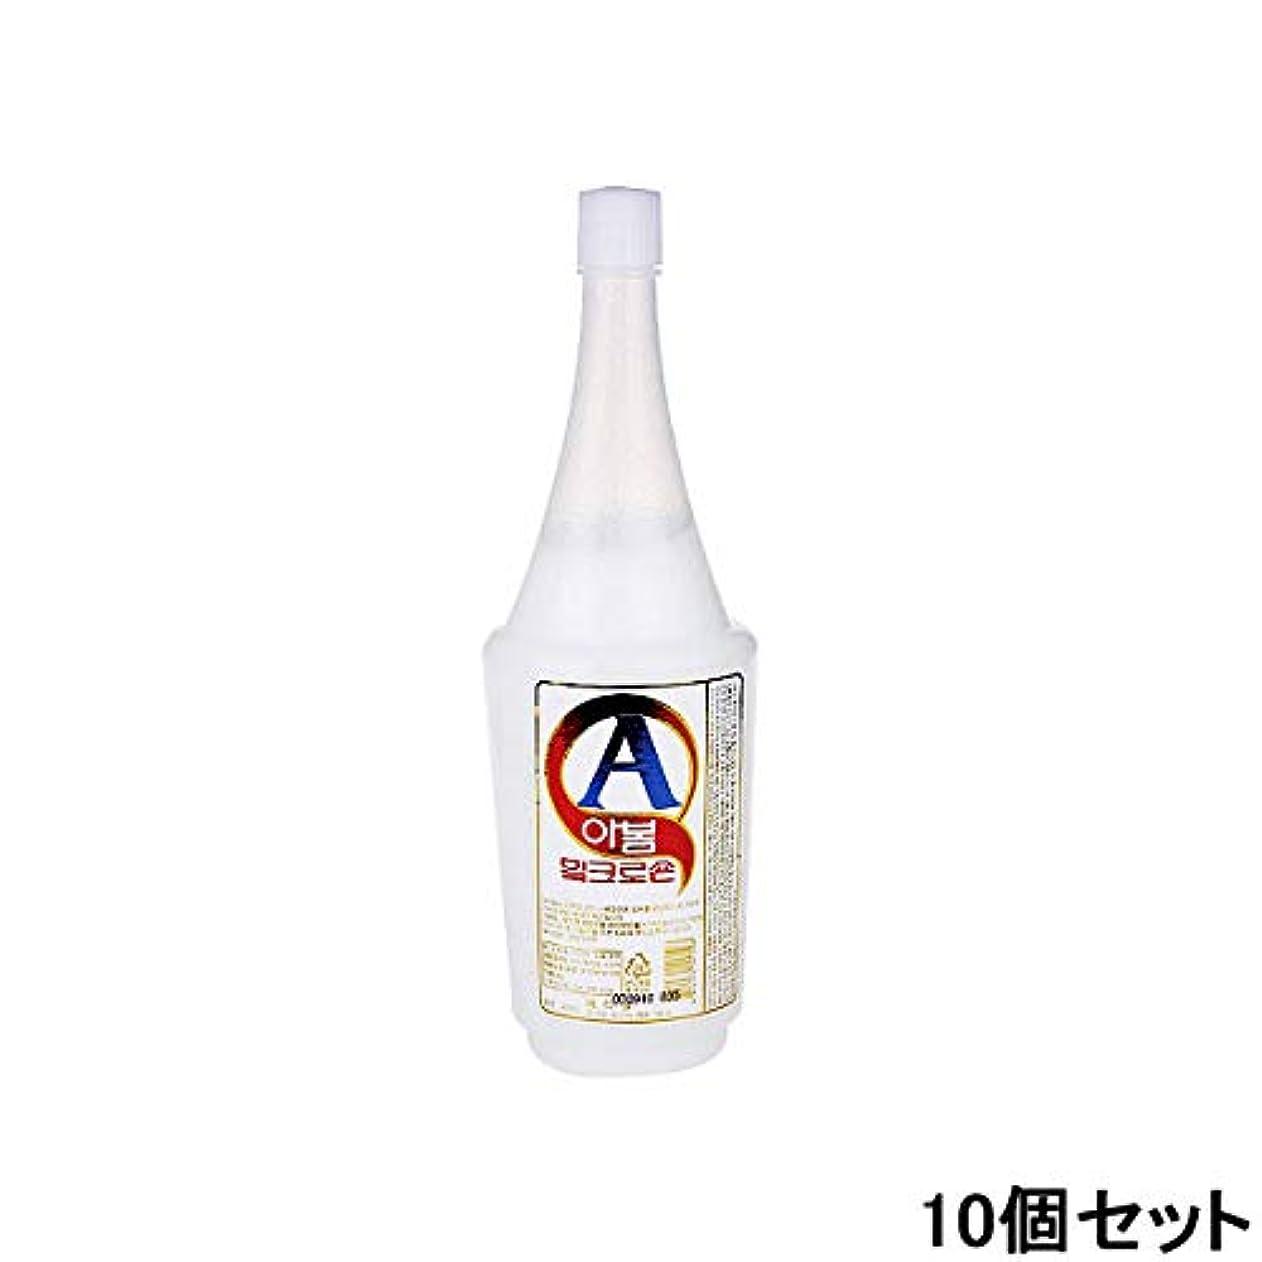 あいまいさルビーである< アボム > ミルクローション 450ml (10個セット) [ マッサージジェル マッサージローション 乳液 エマルジョン ボディマッサージ 業務用 ]